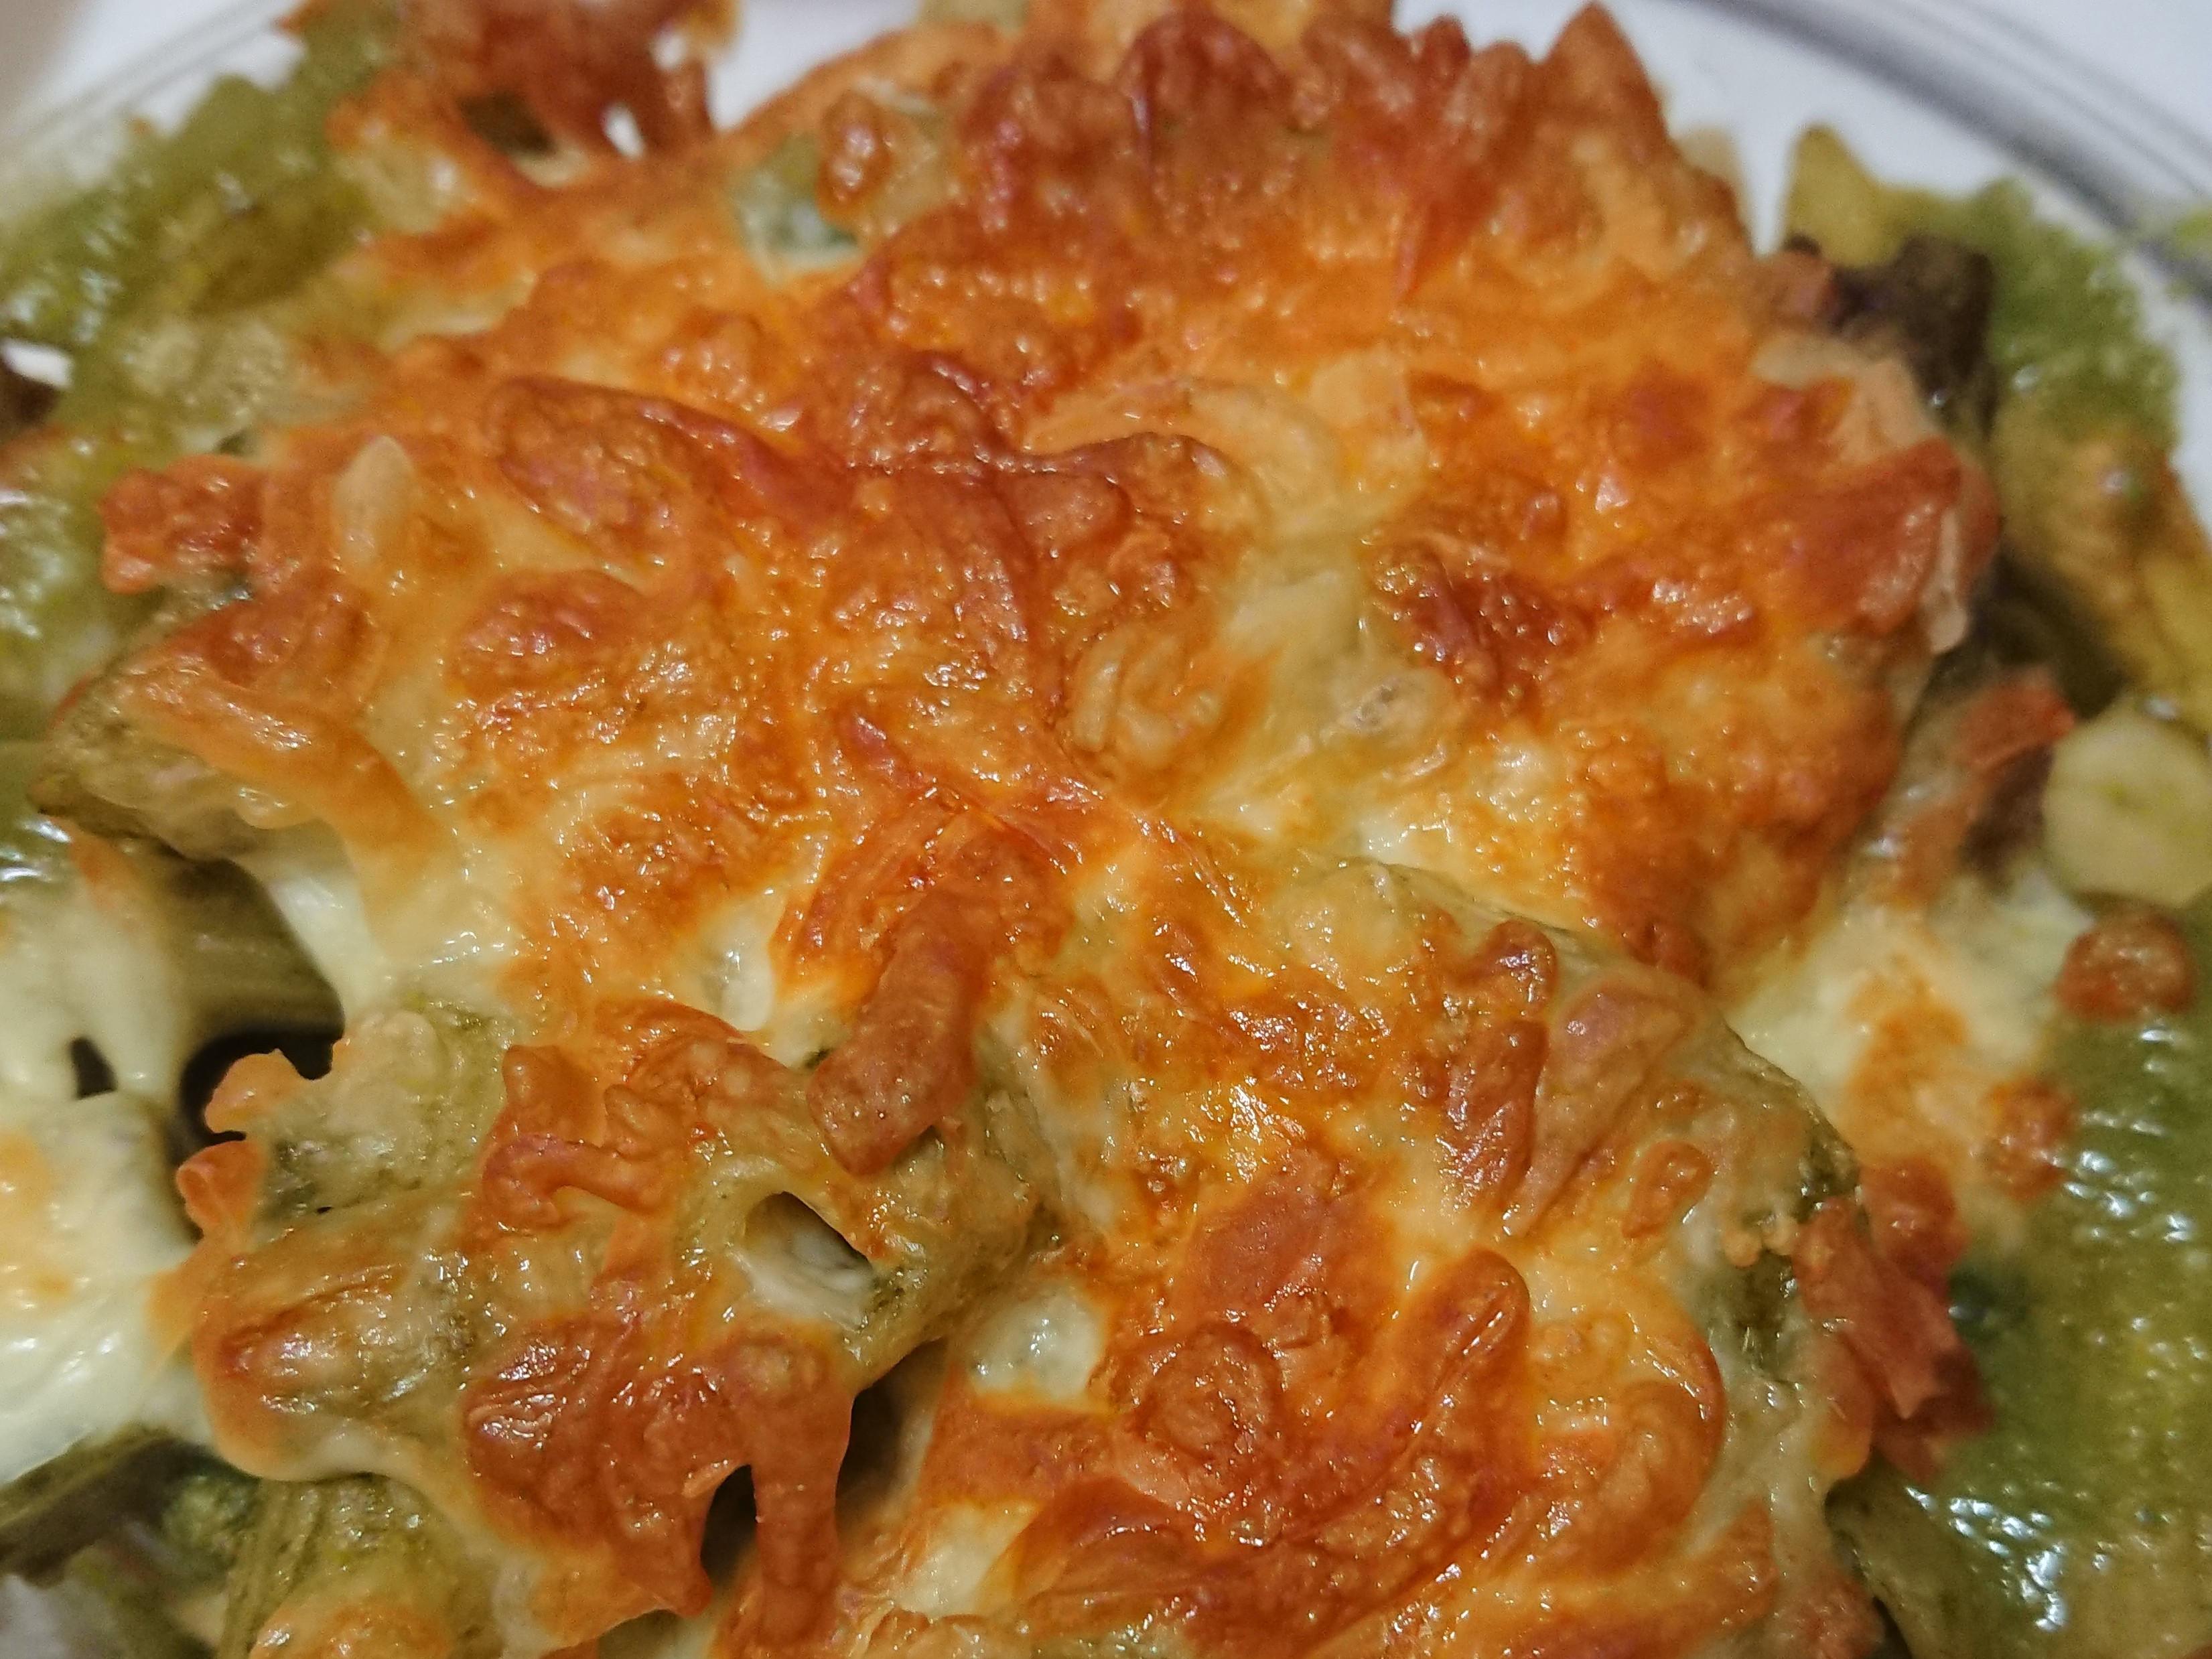 青醬雞肉菇菇焗烤義大利麵